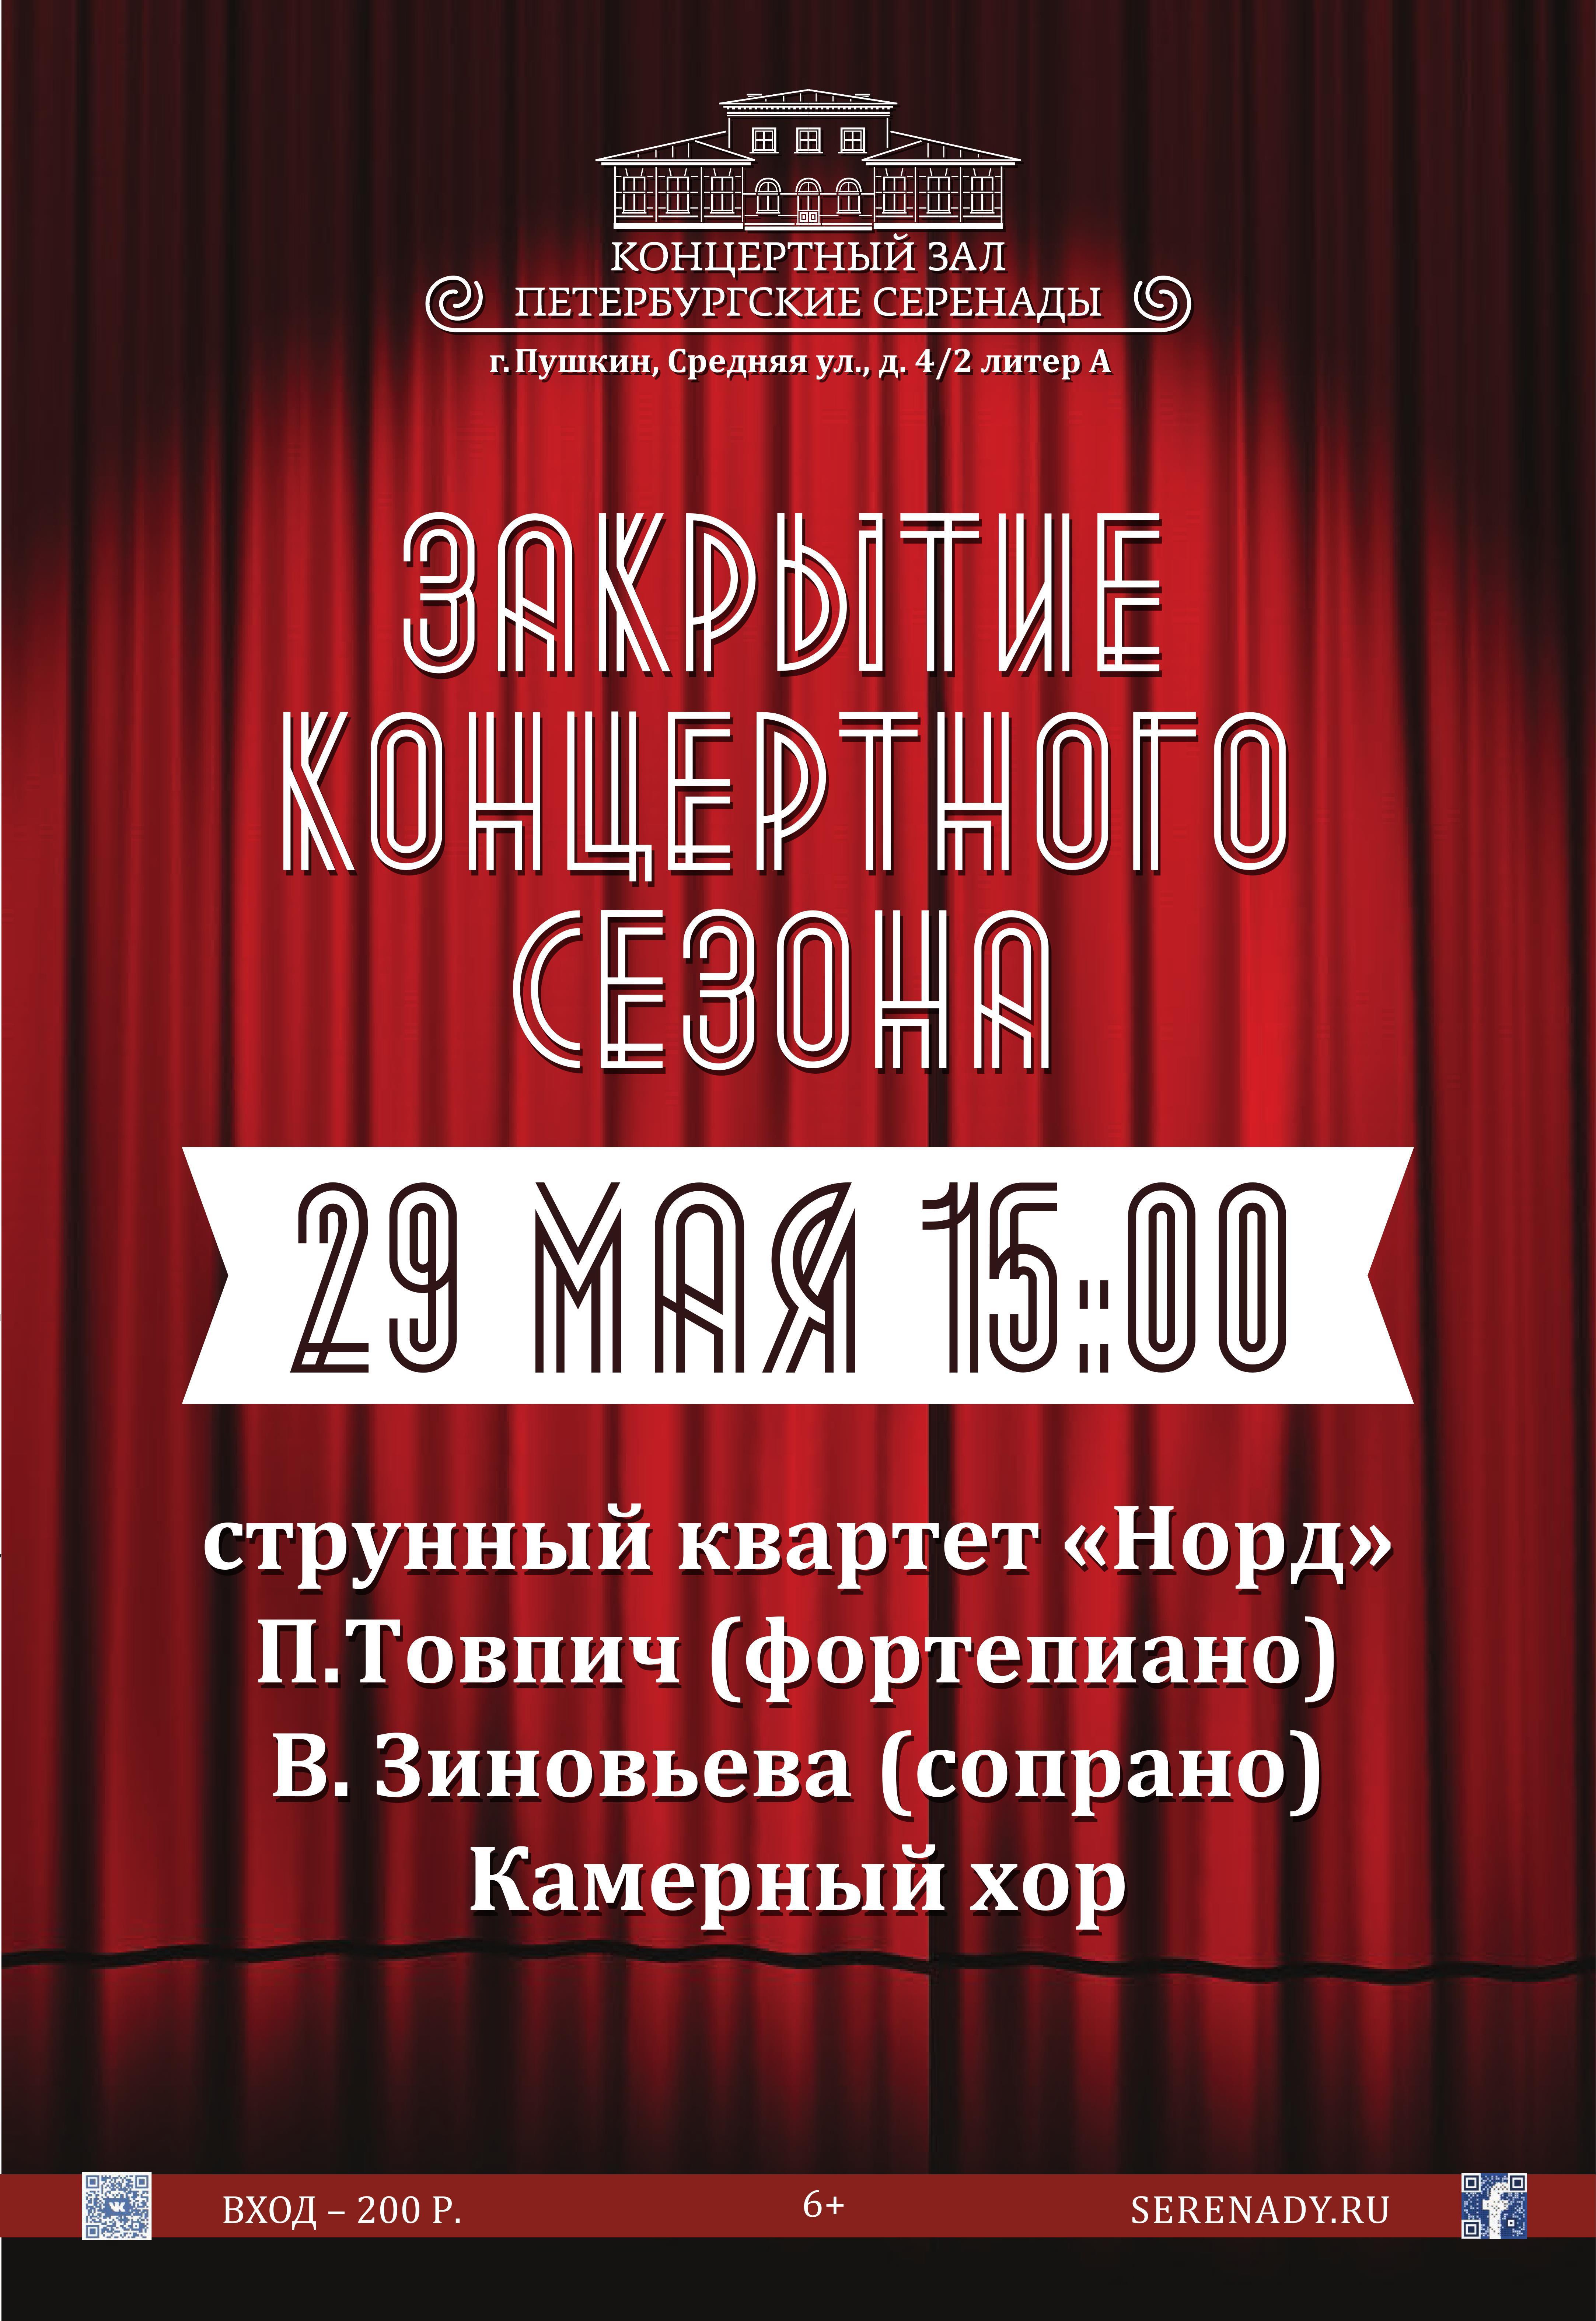 Закрытие концертного сезона